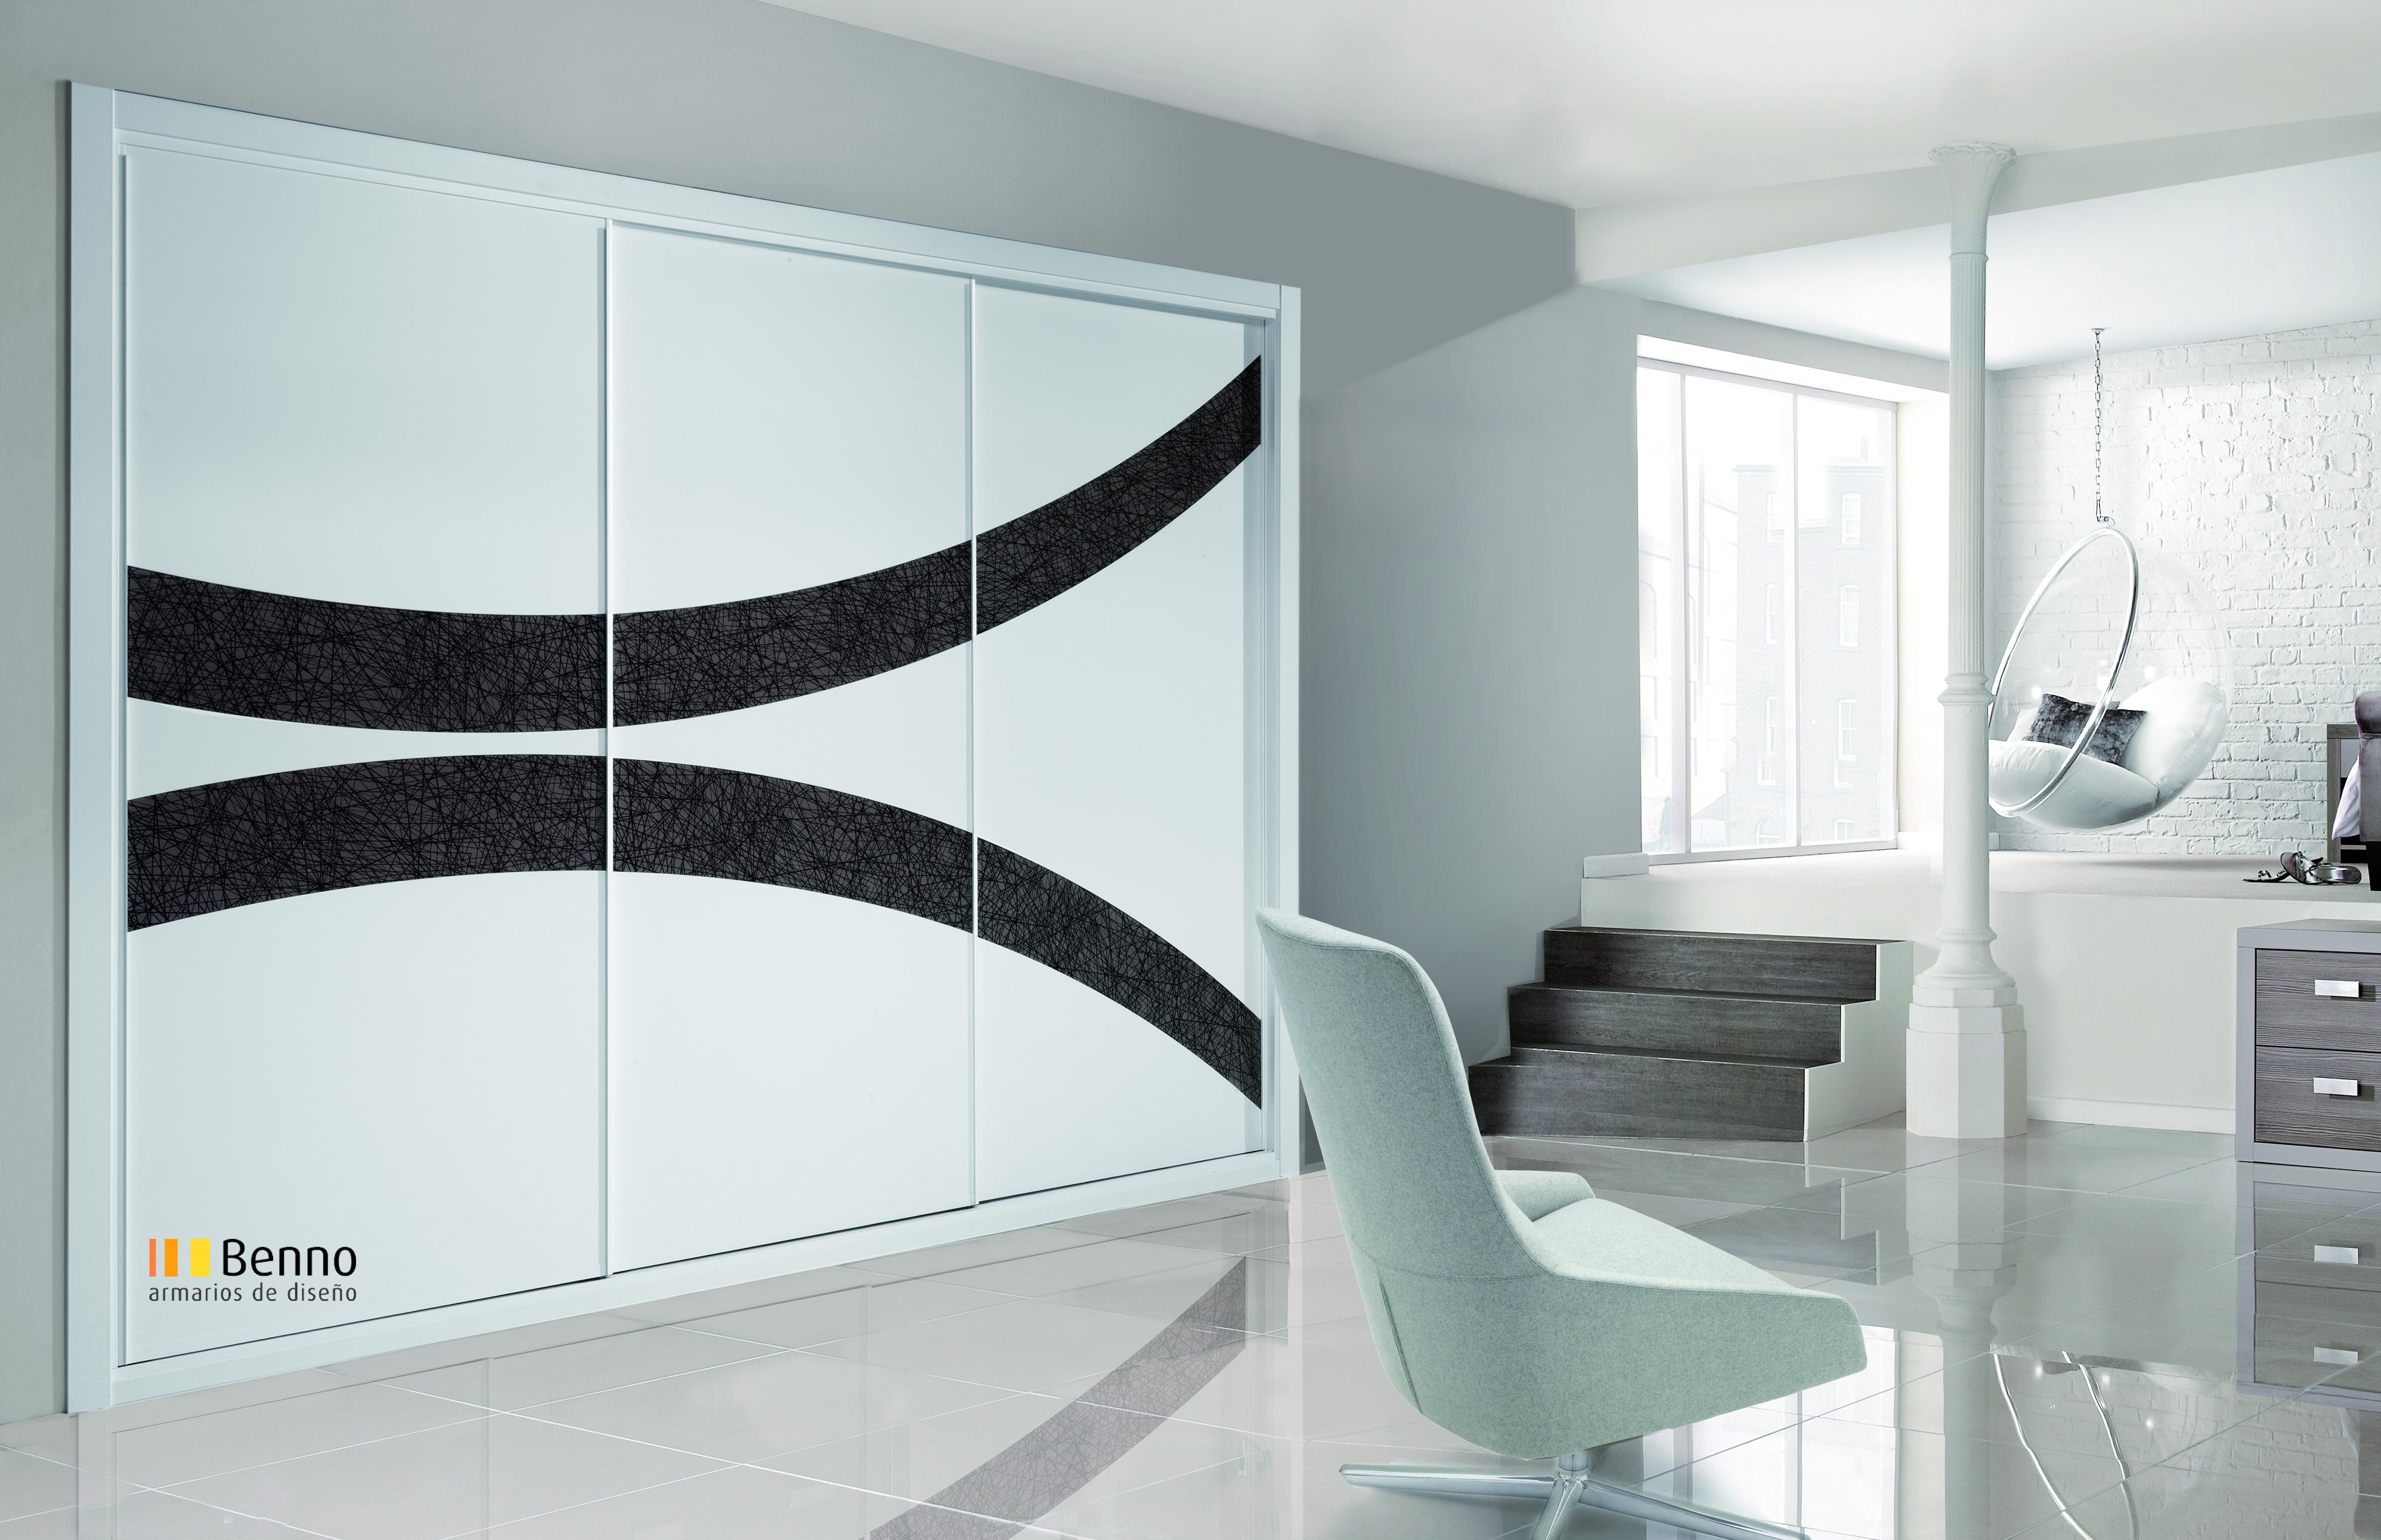 Comprar armarios baratos madrid exposici n armarios modernos for Puertas correderas de cristal para armarios